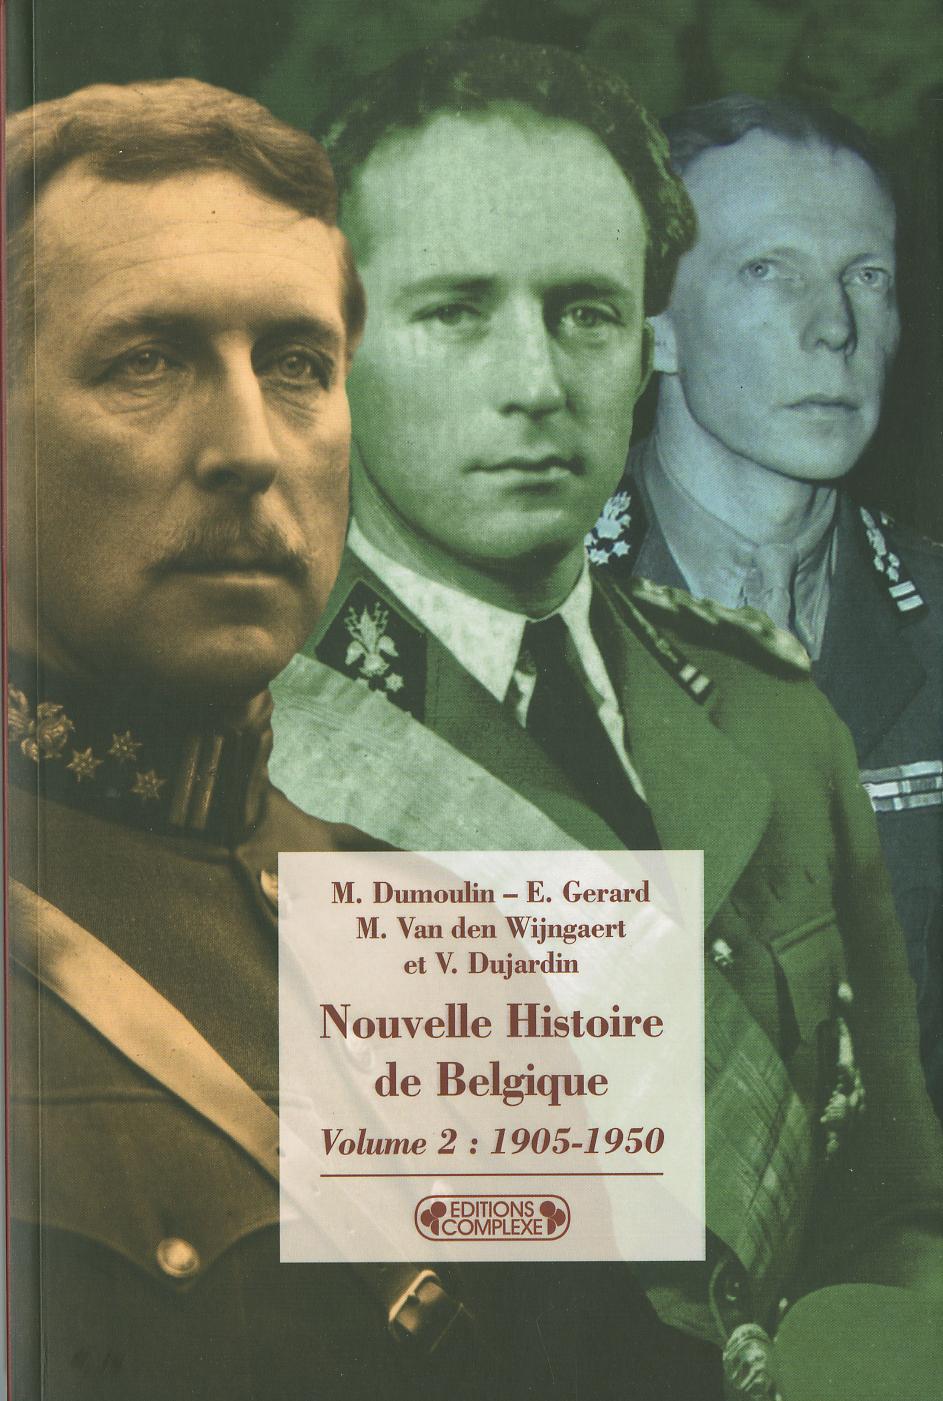 NOUVELLE HISTOIRE DE LA BELGIQUE VOL 2